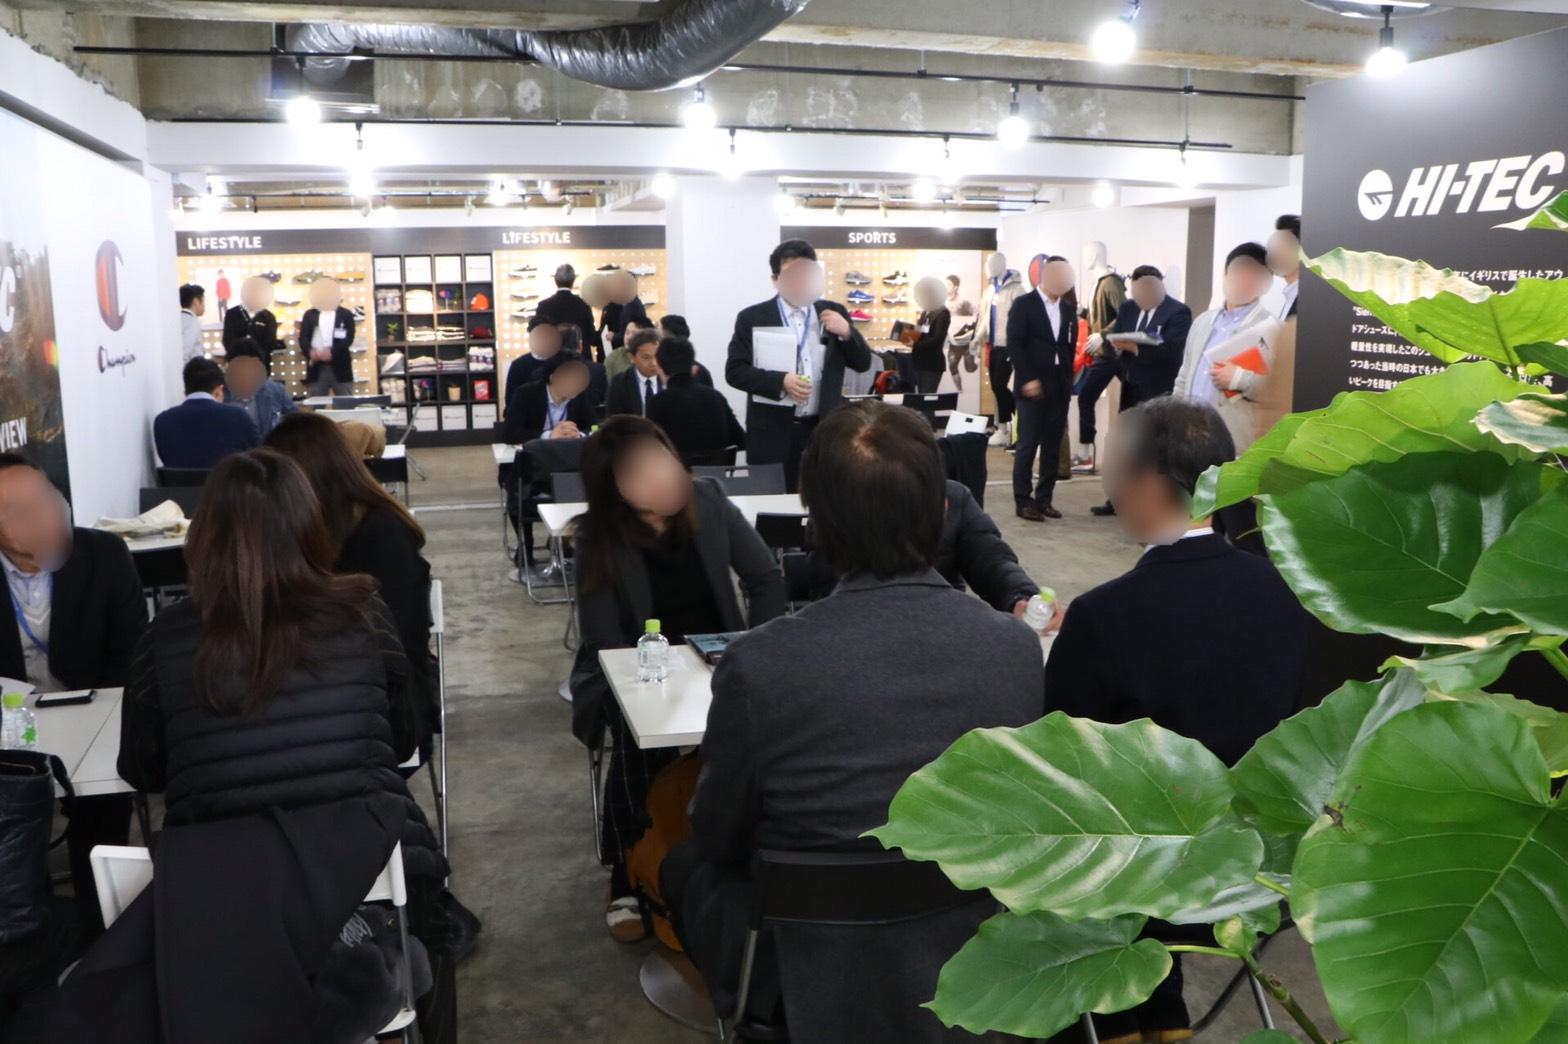 靴の展示会&商談会@神保町|TIME SHARING|タイムシェアリング |スペースマネジメント|あどばる|adval|SHARING